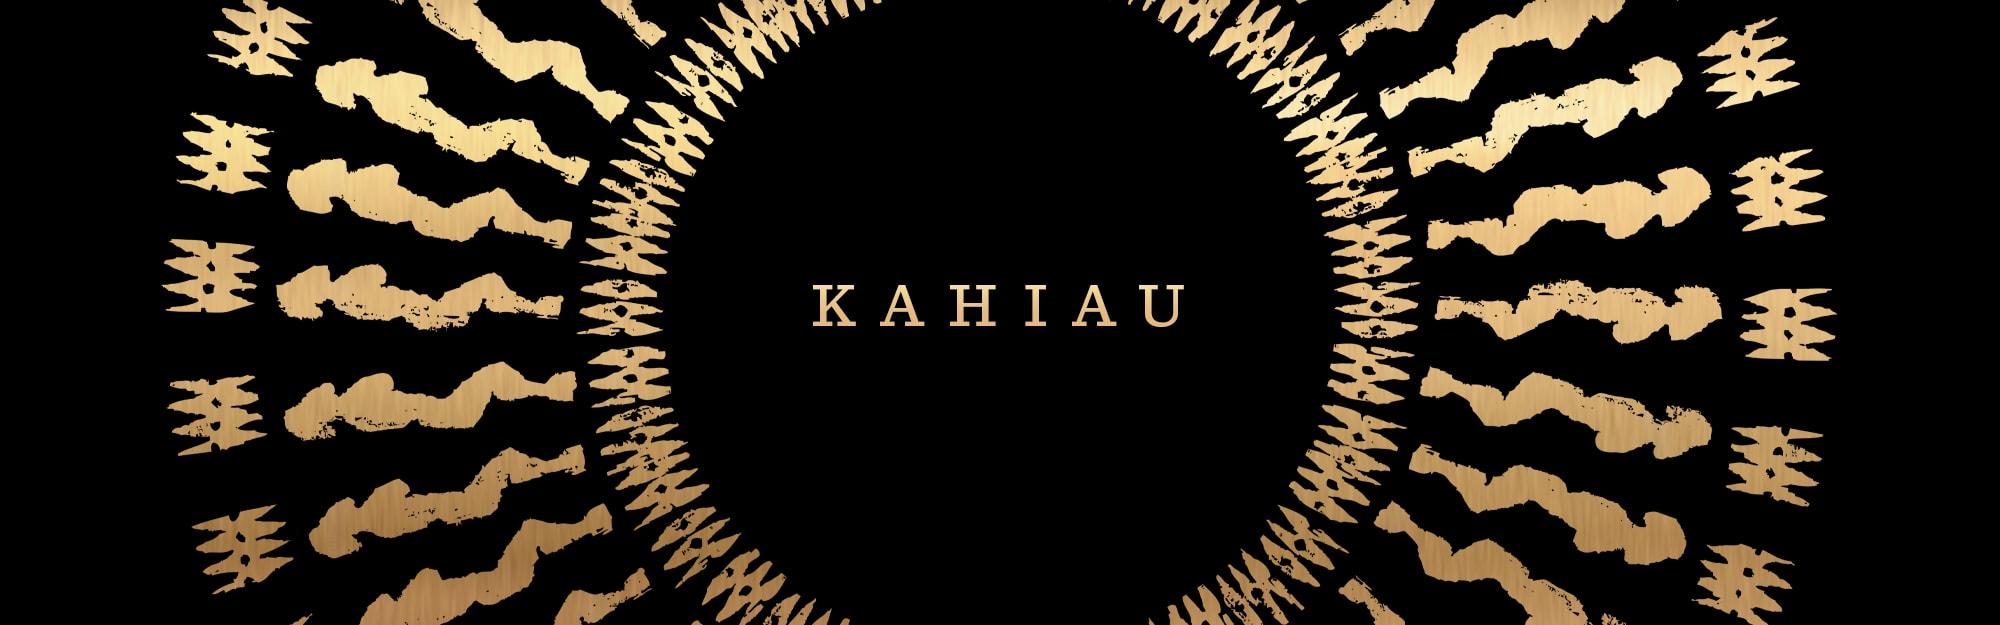 Kahiau Banner